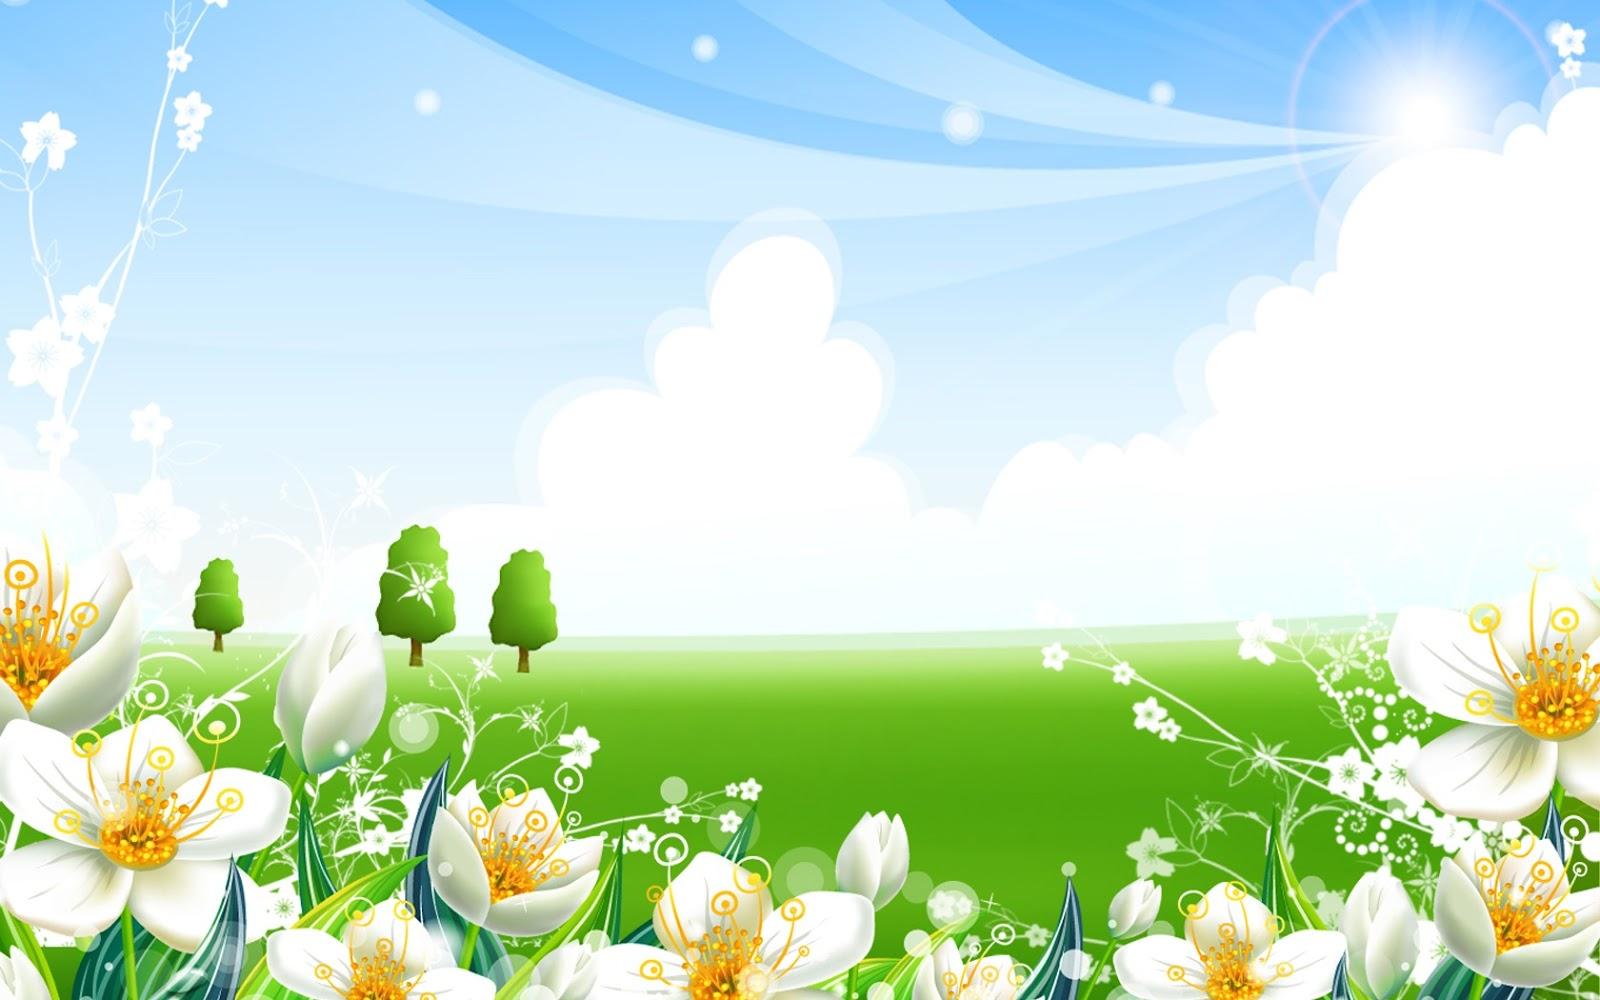 http://2.bp.blogspot.com/-sqfB_btVy4I/UE_hyE_462I/AAAAAAAAAqU/QTiNmNy-G2s/s1600/image021.jpg